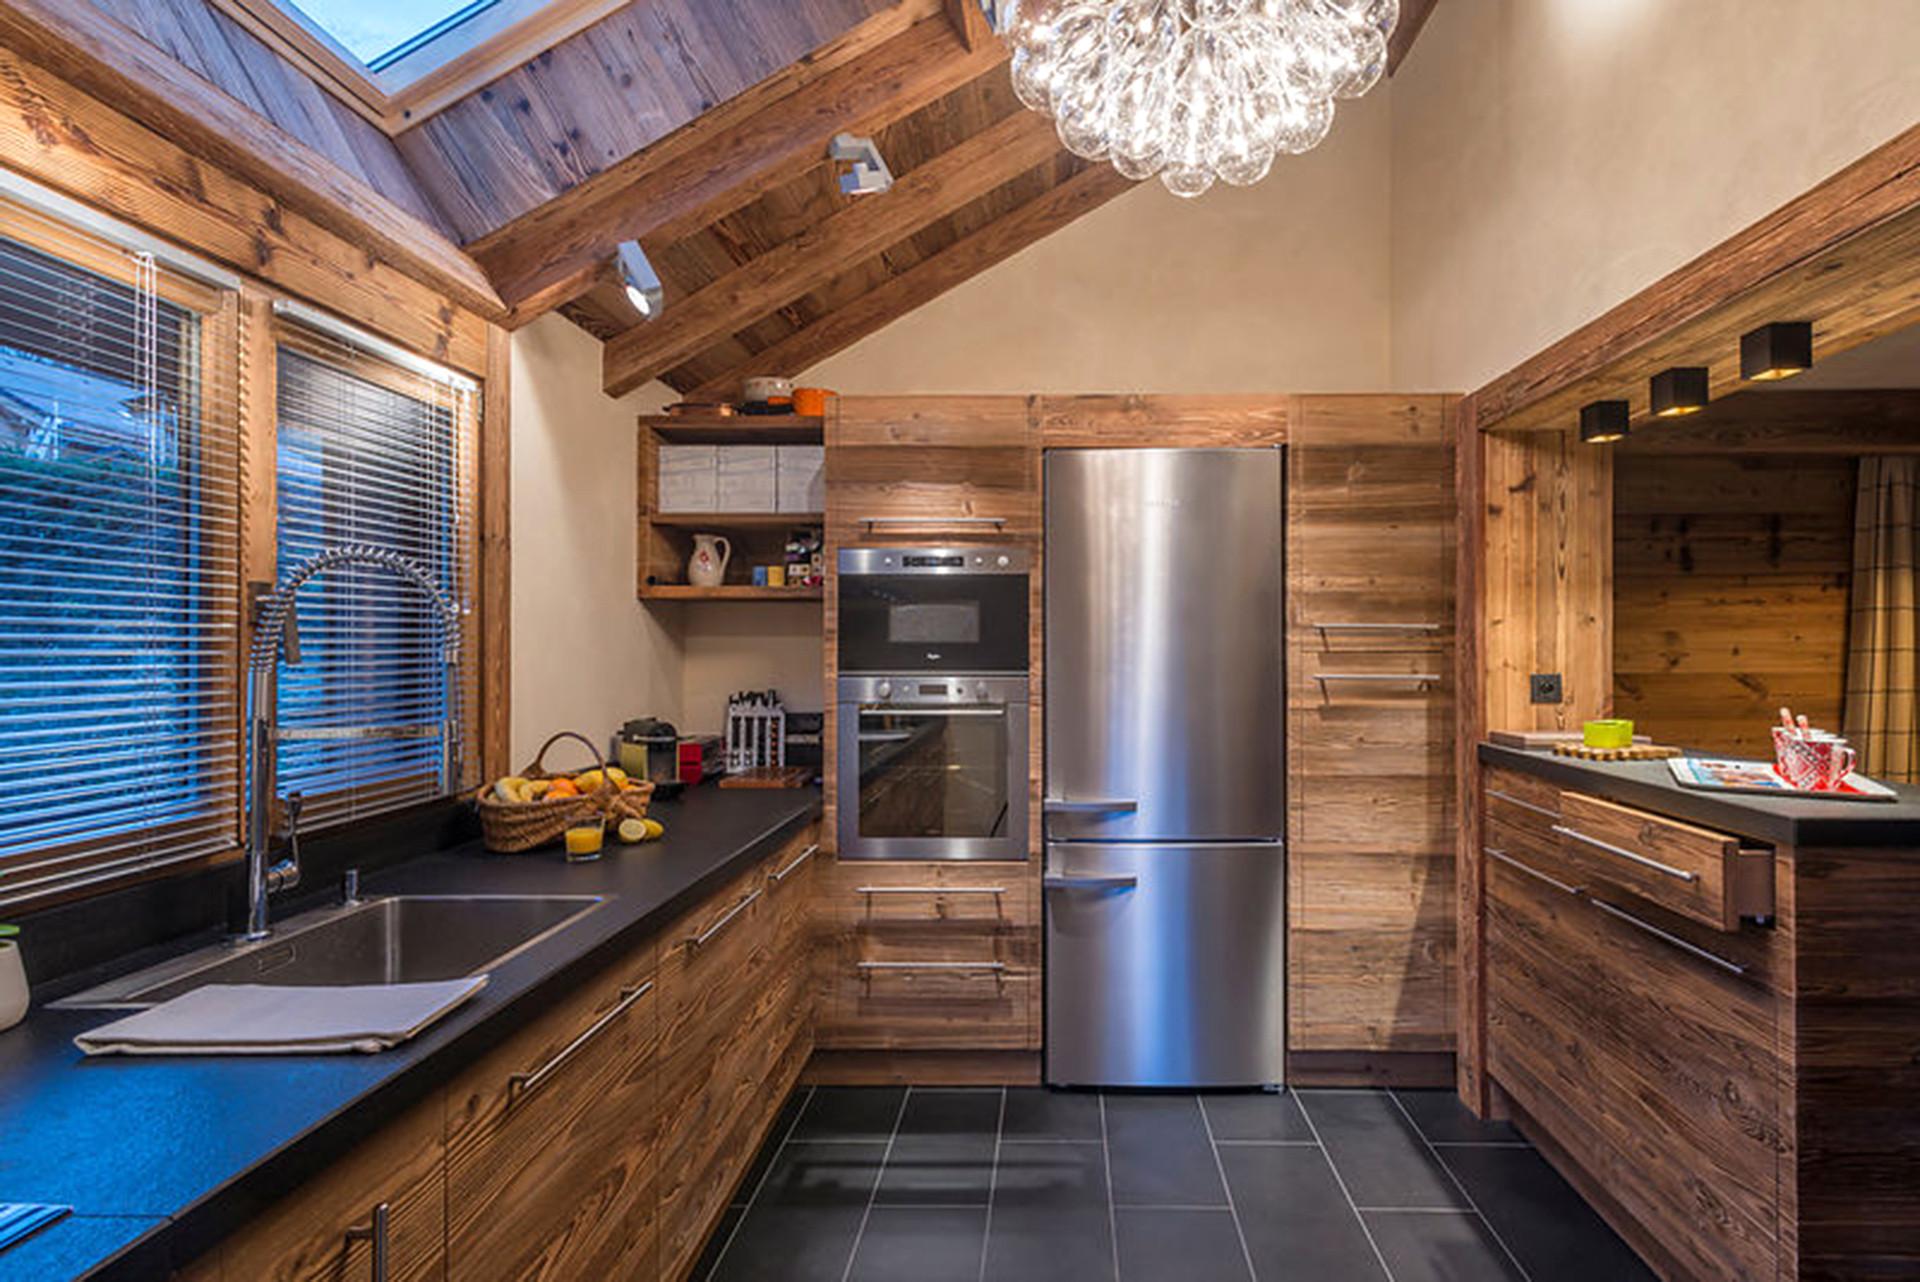 Угловая кухня в стиле шале с мансардным окном